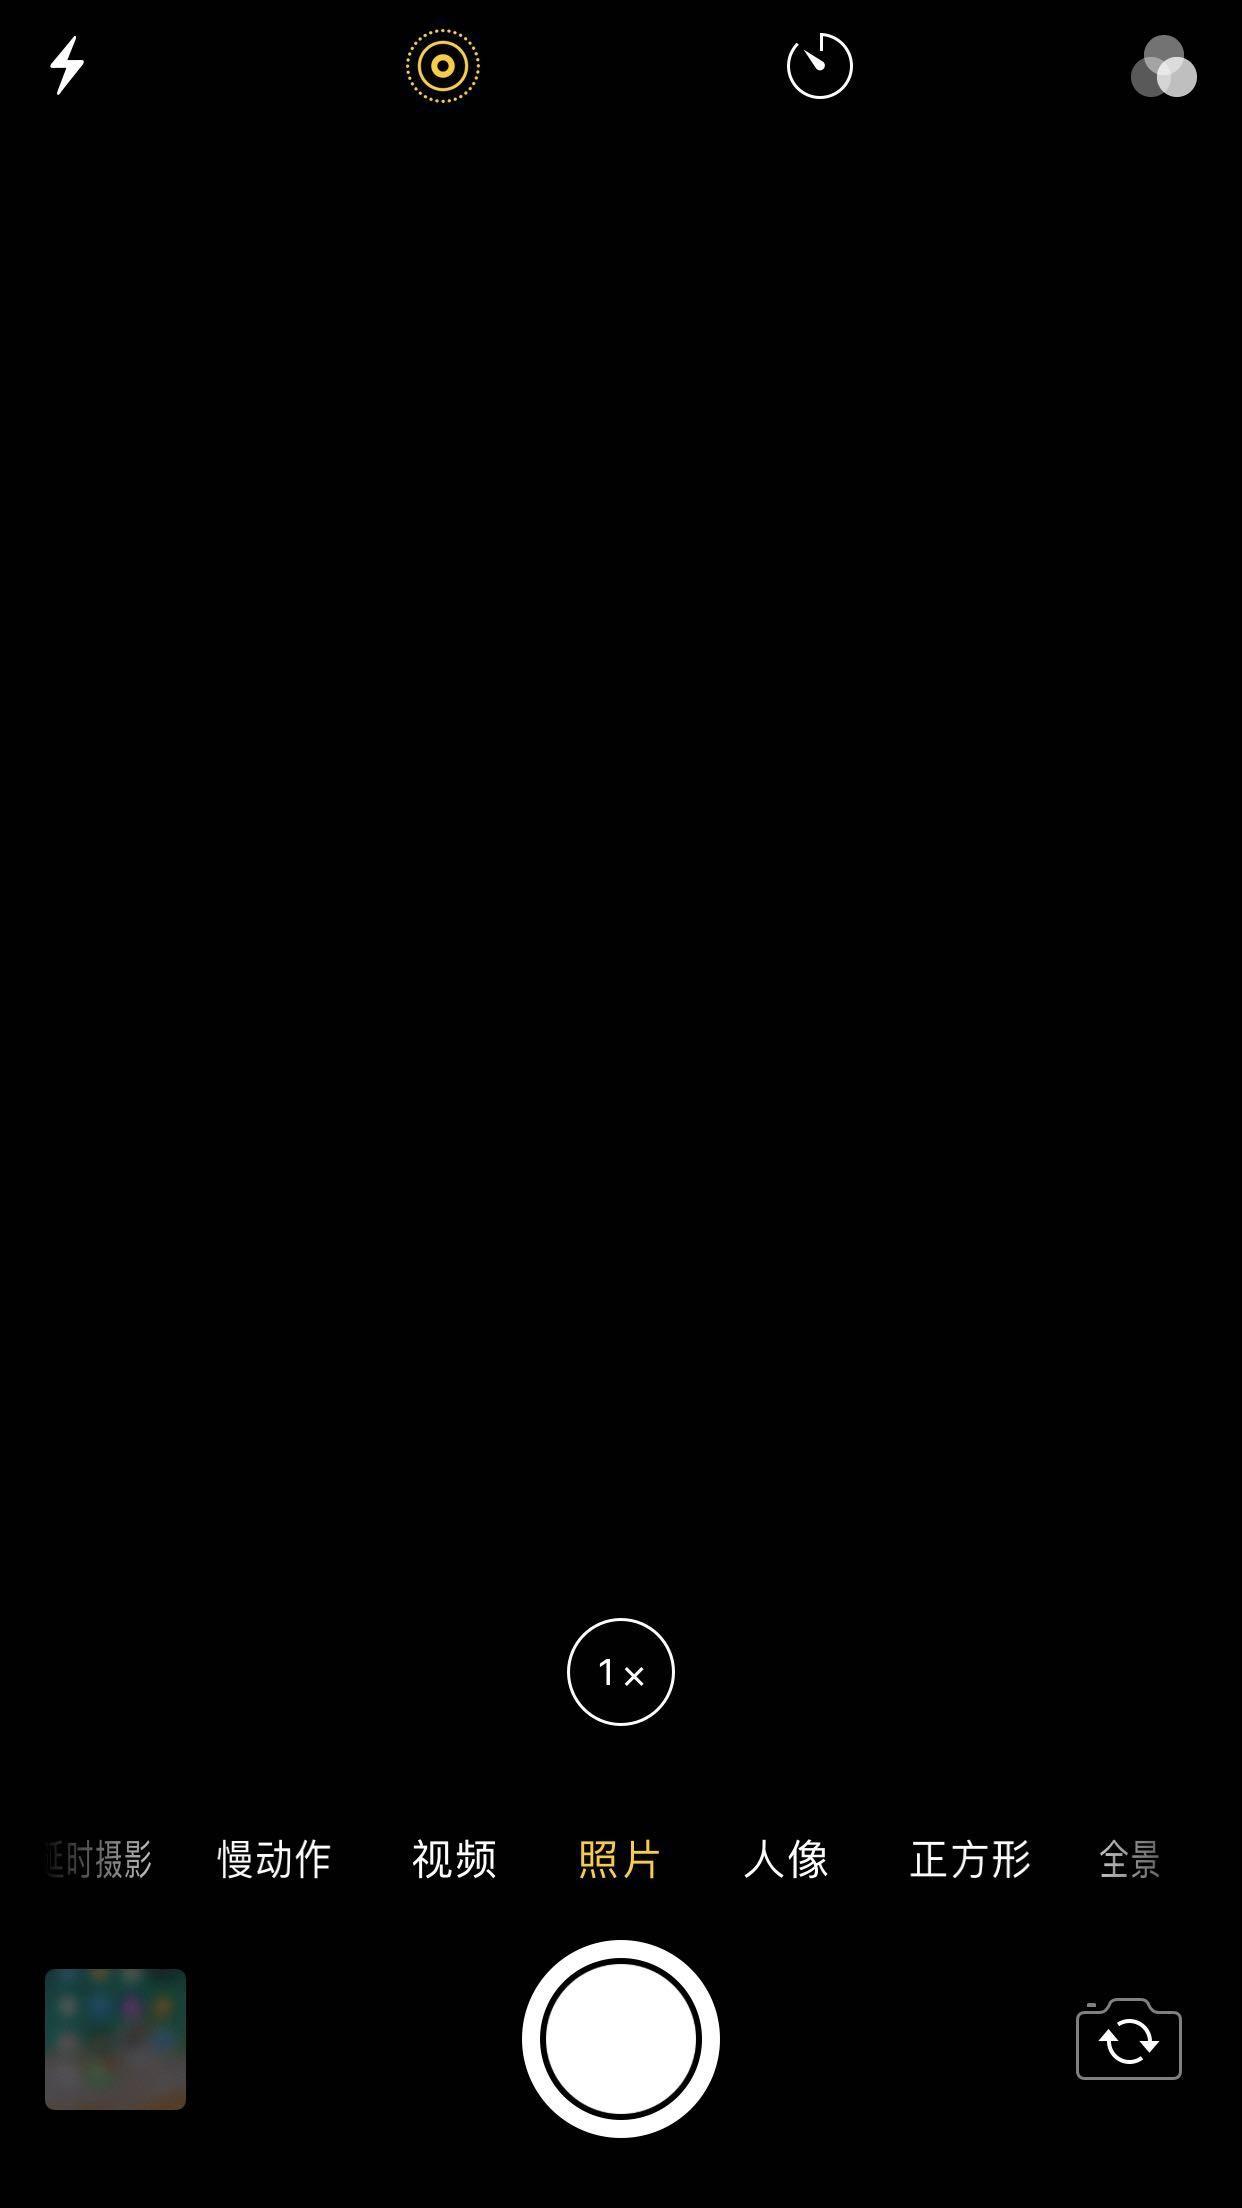 苹果8p更新完11.3手机后置摄像头不能用了打开黑屏,是什么原...